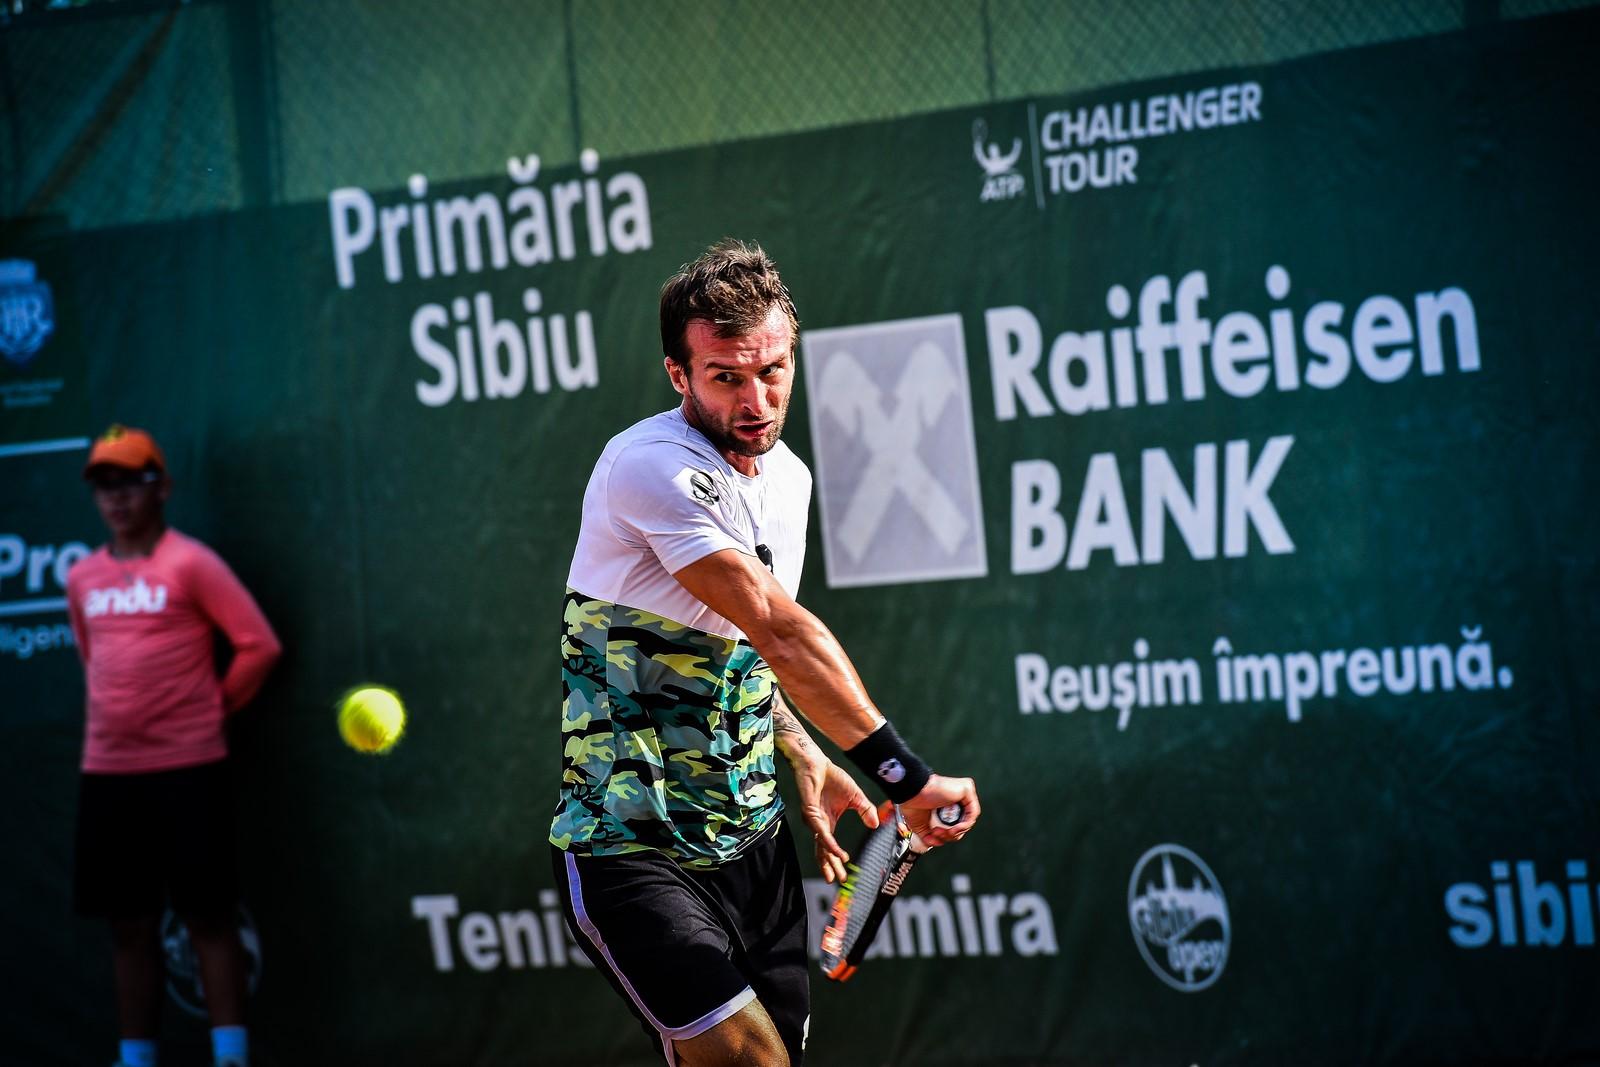 Sibiu Open 2016